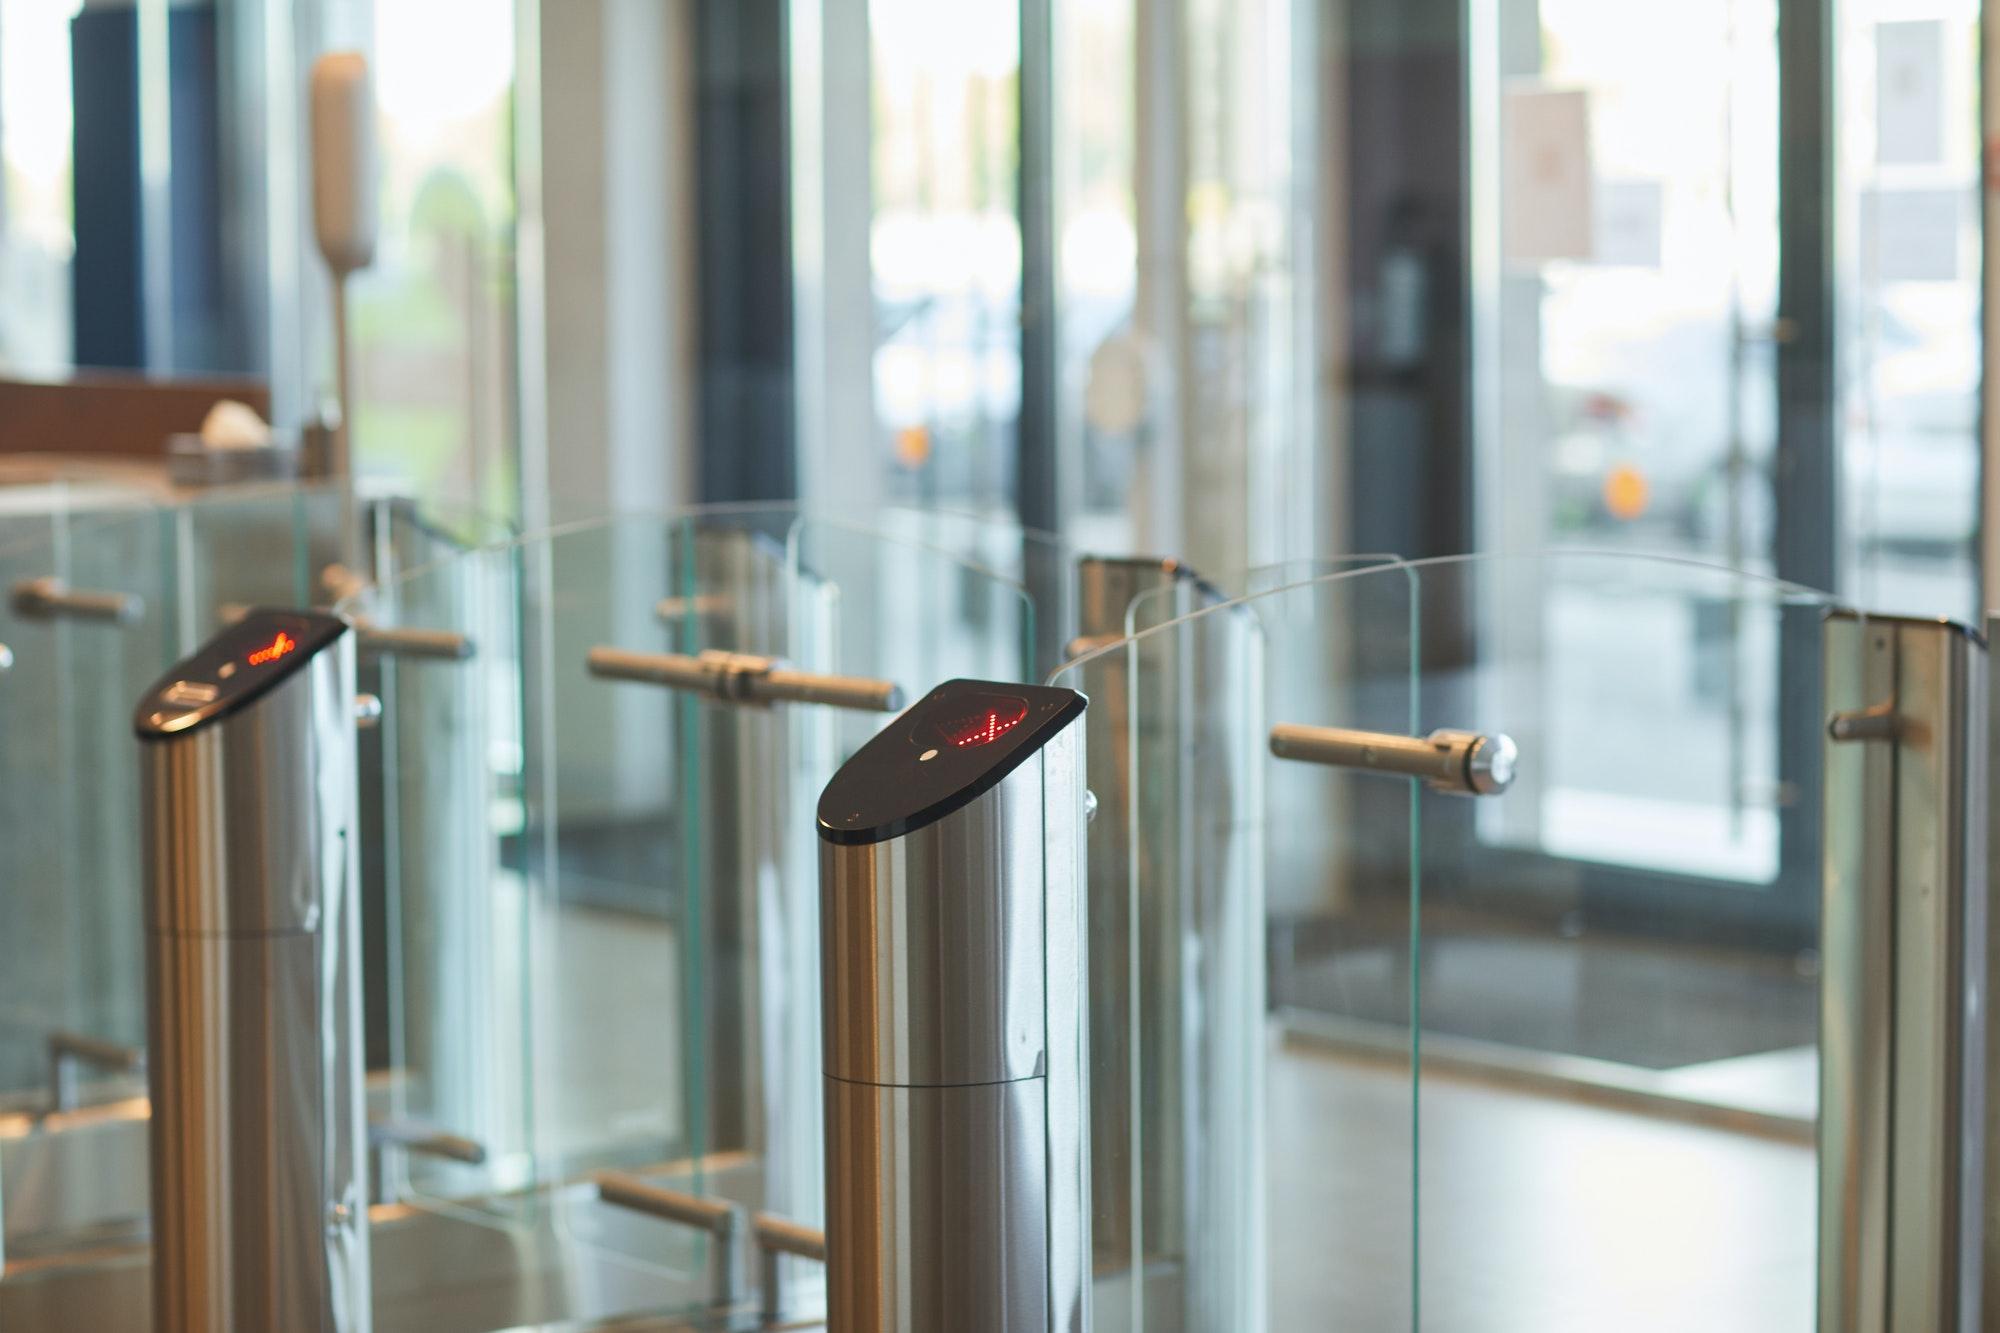 Puertas automáticas Puertas seccionales Las Palmas